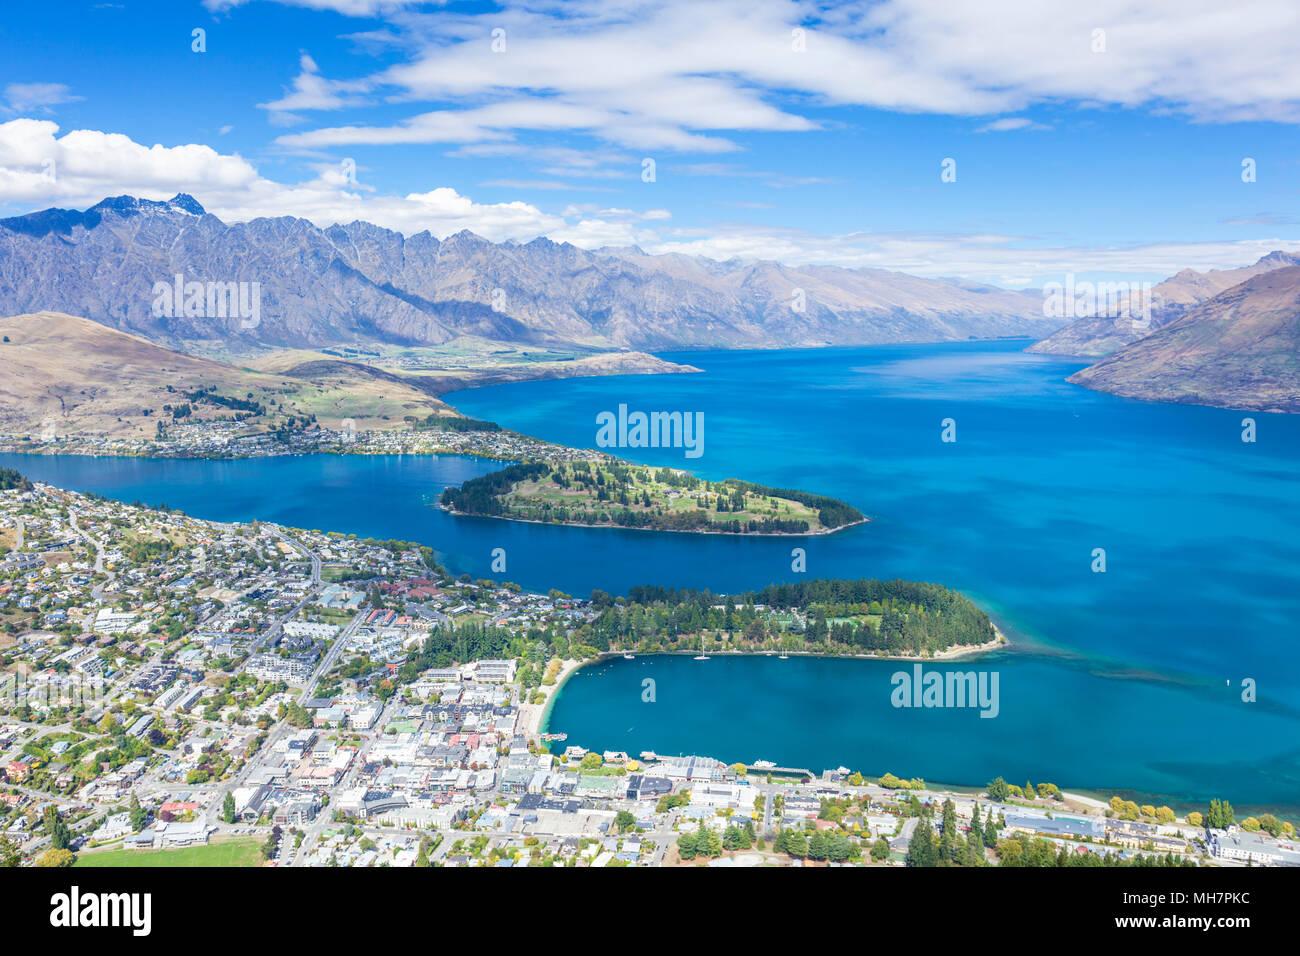 Queenstown, Isla del Sur, Nueva Zelanda vista aérea del centro de Queenstown, el centro de la ciudad Lago Wakatipu y los Remarkables paisaje Queenstown Nueva Zelanda Imagen De Stock